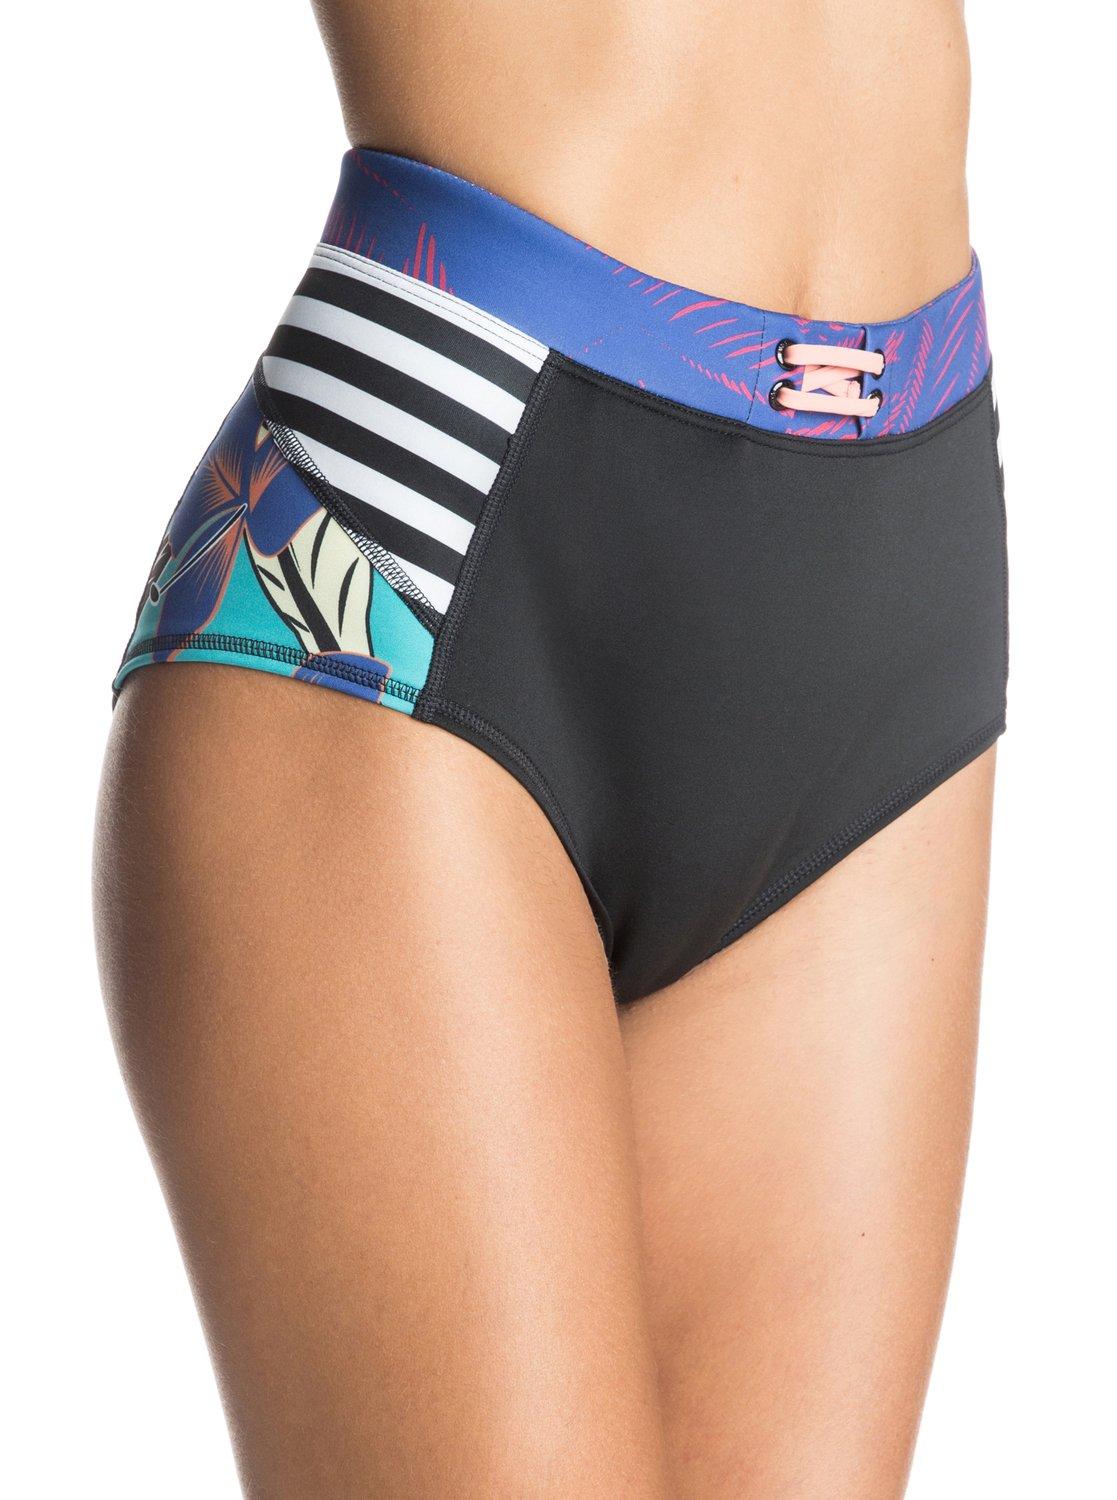 Polynesia High Bikini bottomsЖенские плавки бикини Polynesia High от ROXY.ХАРАКТЕРИСТИКИ: эластичный переработанный полиэстер, высокий пояс, стильная молния сзади, средняя площадь ткани.СОСТАВ: 86% полиэстер, 14% эластан.<br>